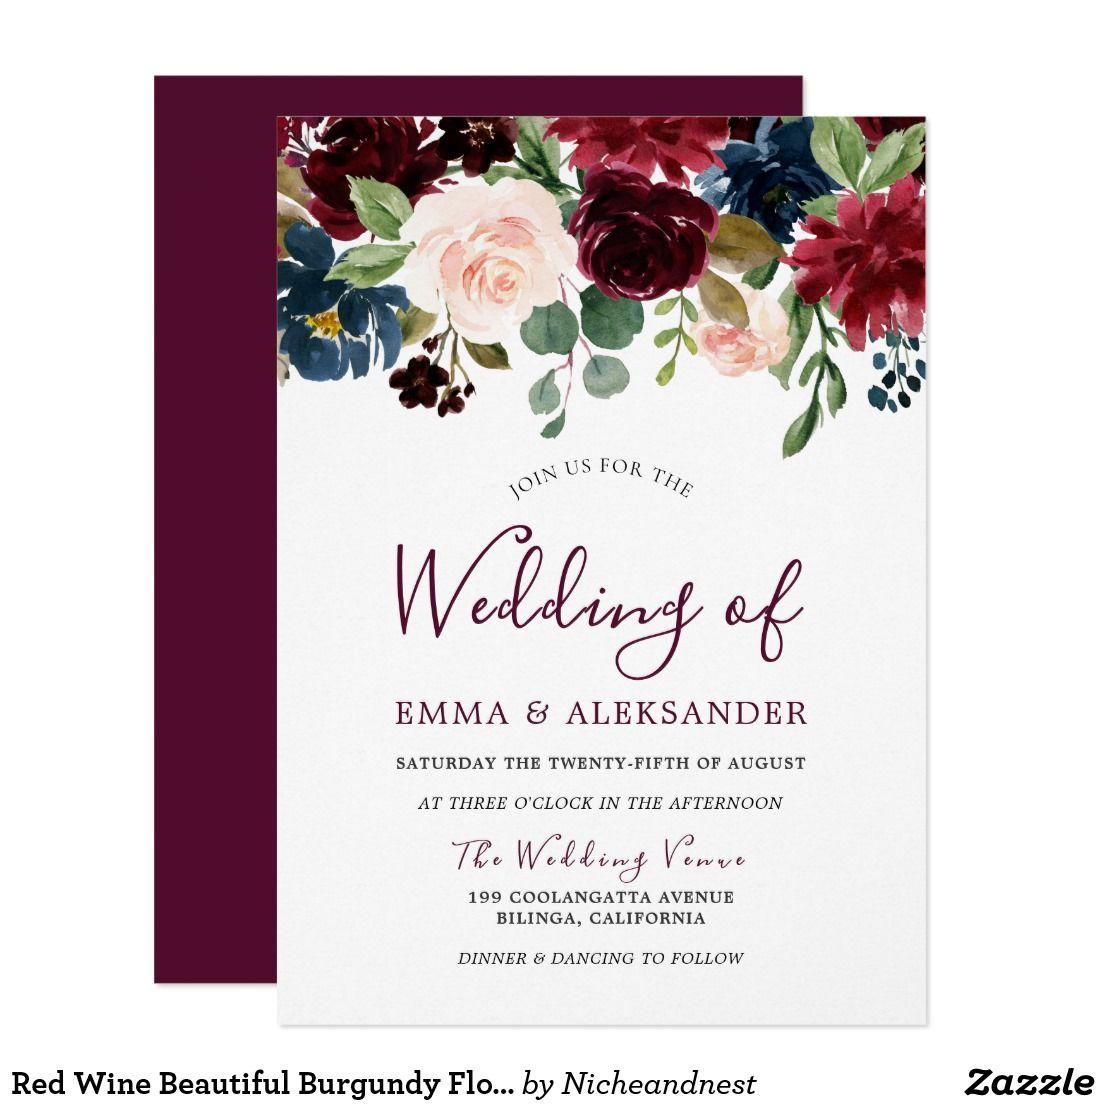 Red Wine Beautiful Burgundy Flowers Wedding Invite